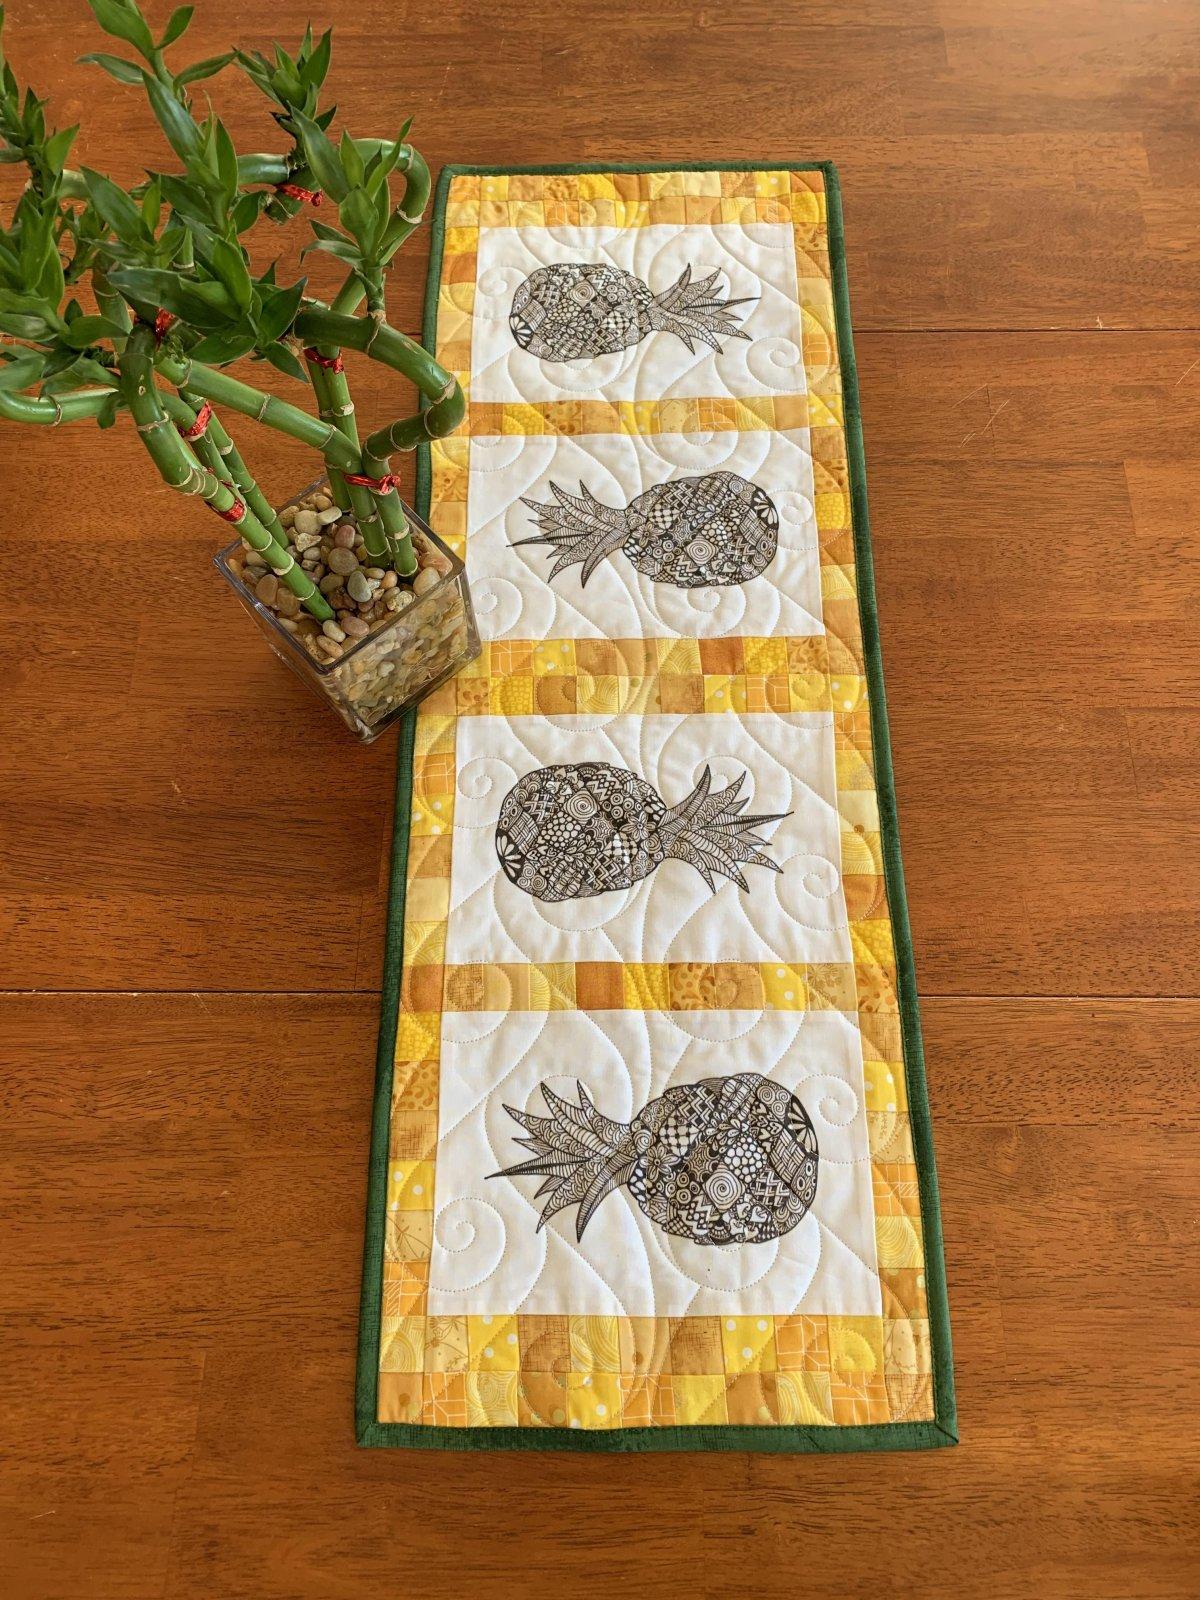 Zentangle Inspired Pineapple Table Runner Kit - RRQ Original